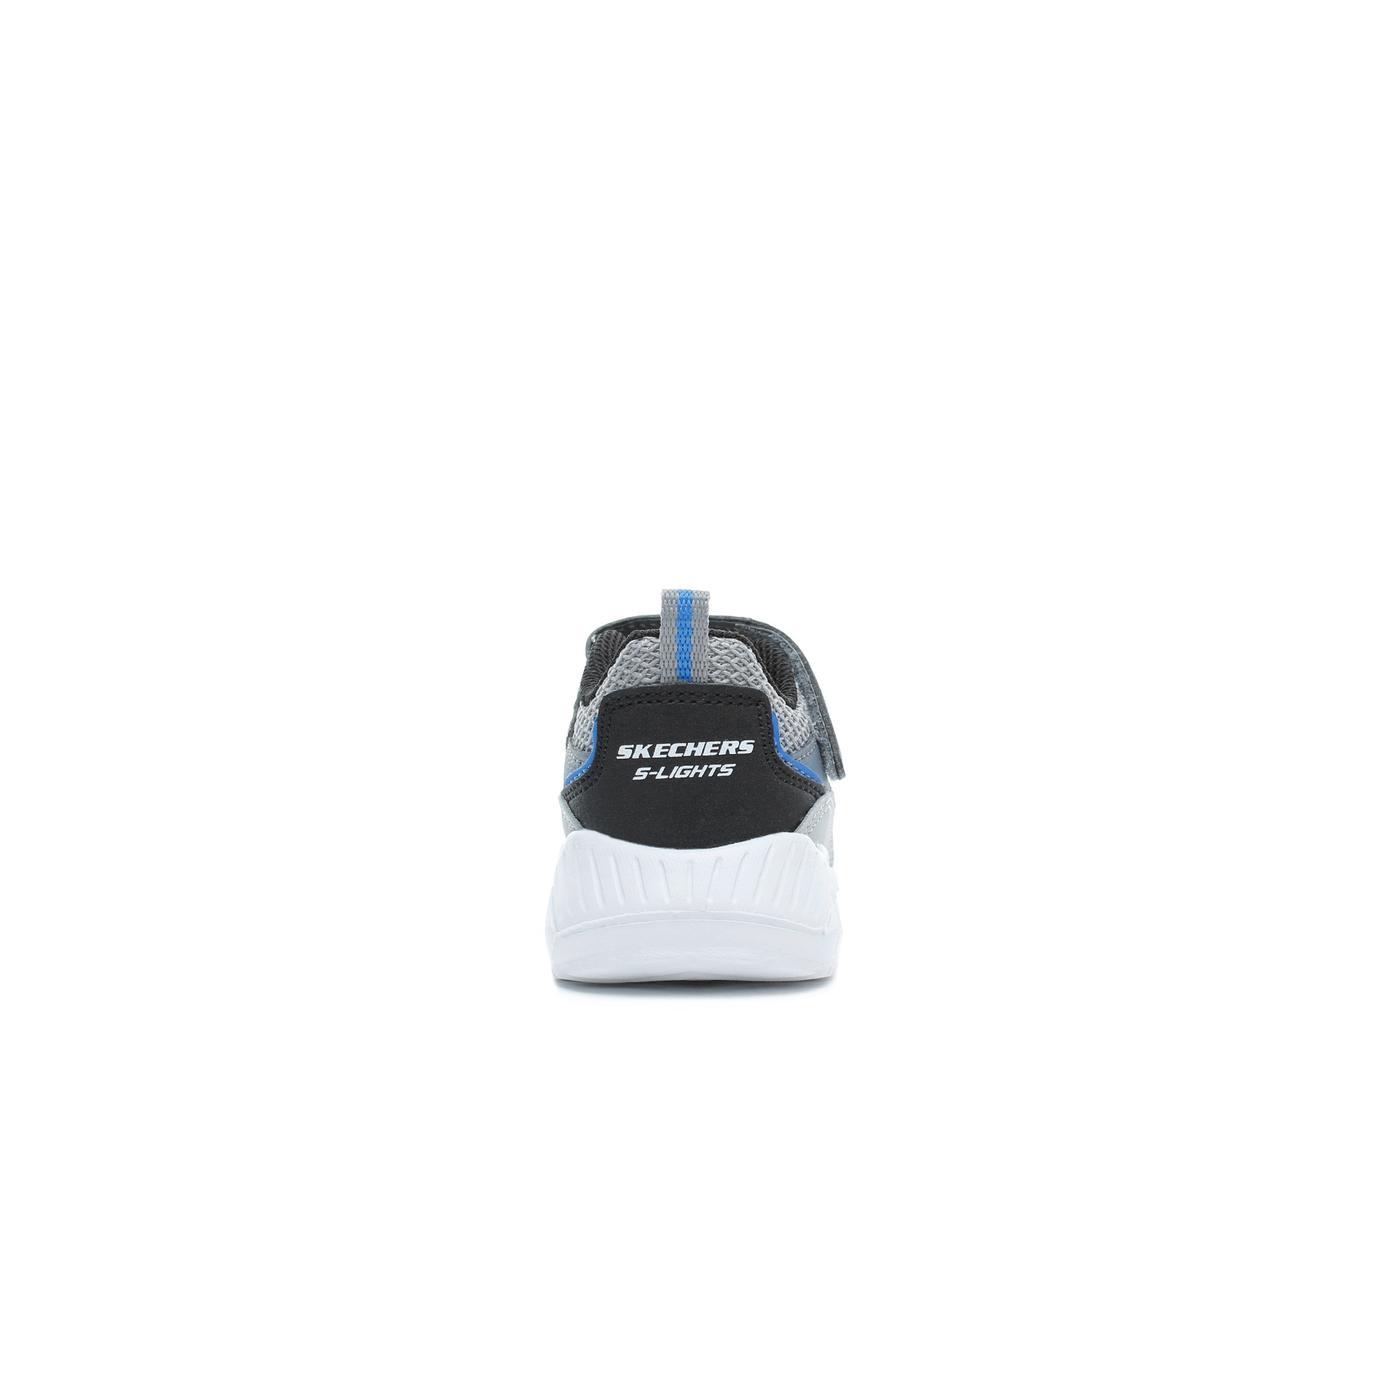 Skechers Magna Lights-Vendow Işıklı Bebek Gri Spor Ayakkabı